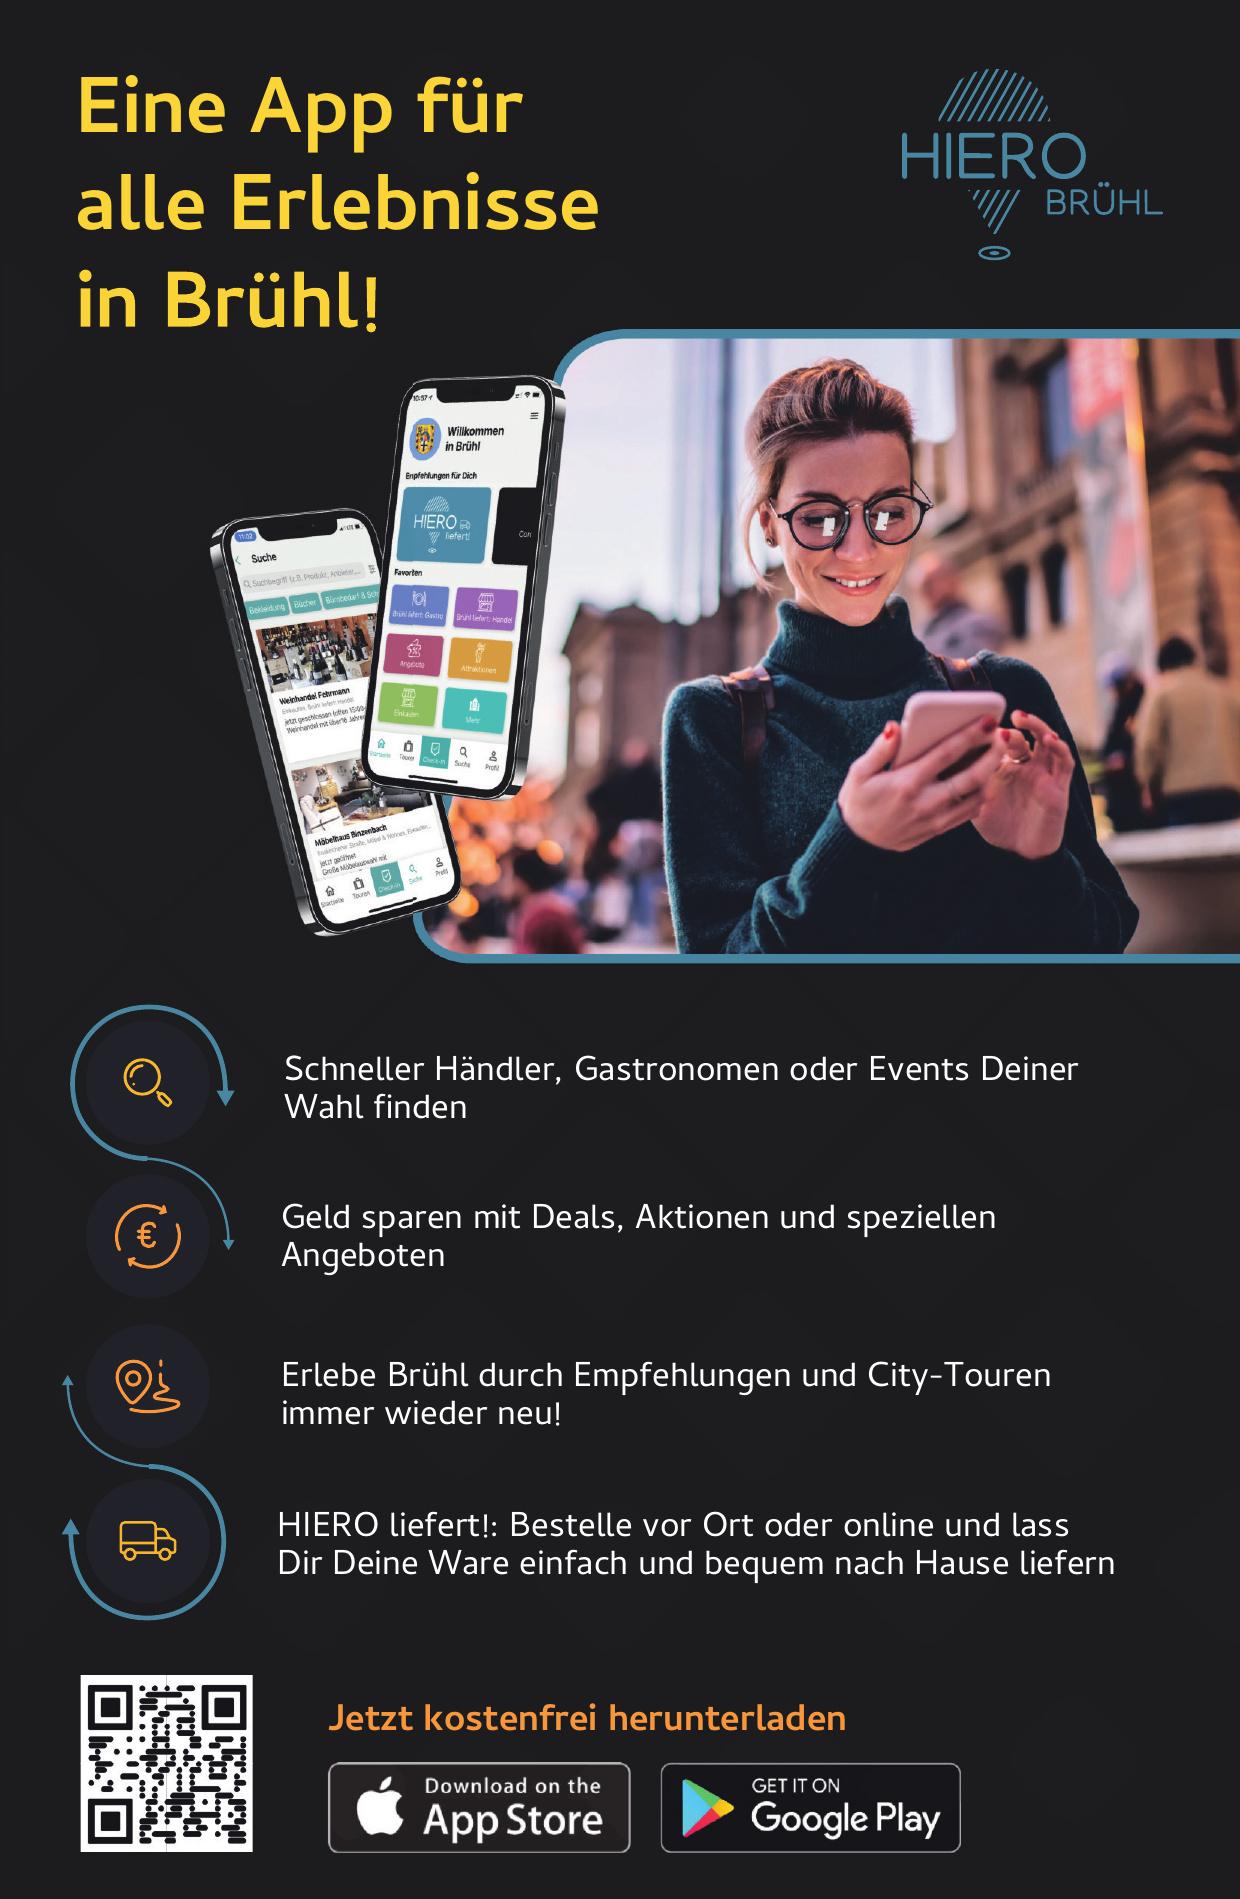 Die Digitale Woche Rhein-Erft bietet spannende Events in allen zehn Kreisstädten Image 3